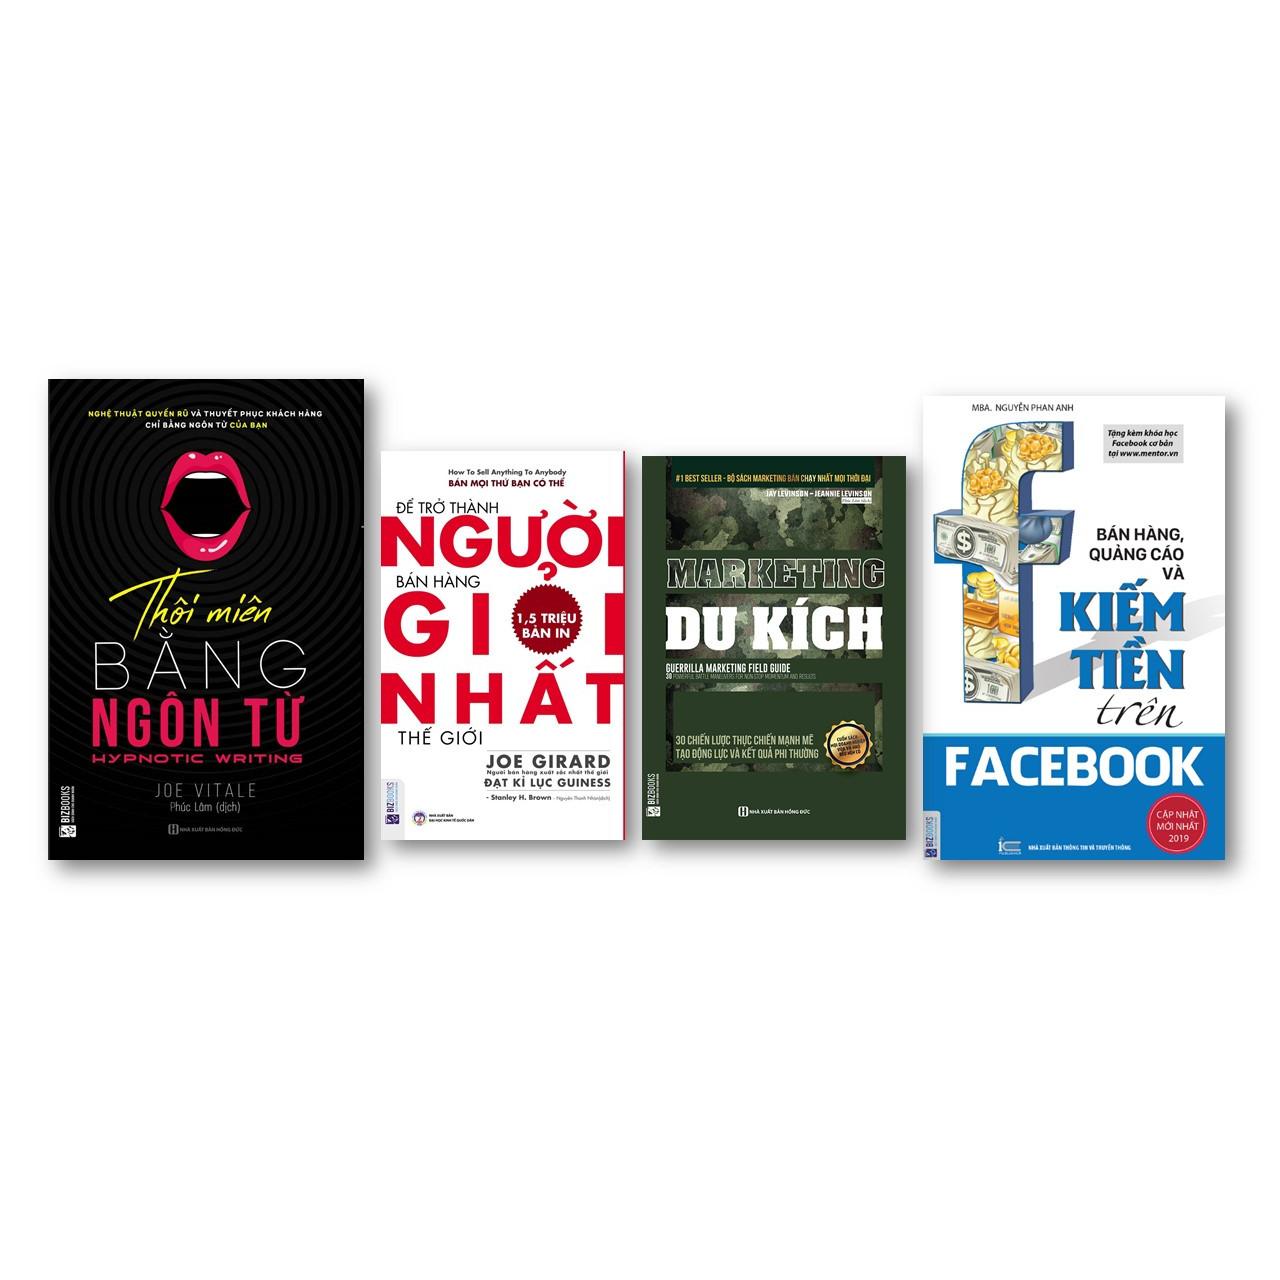 Combo  Để trở thành người bán hàng giỏi nhất thế giới + Bán hàng, quảng cáo và kiếm tiền trên Facebook + Thôi miên bằng ngôn từ + Marketing du kích ) ( tặng kèm bút bi )